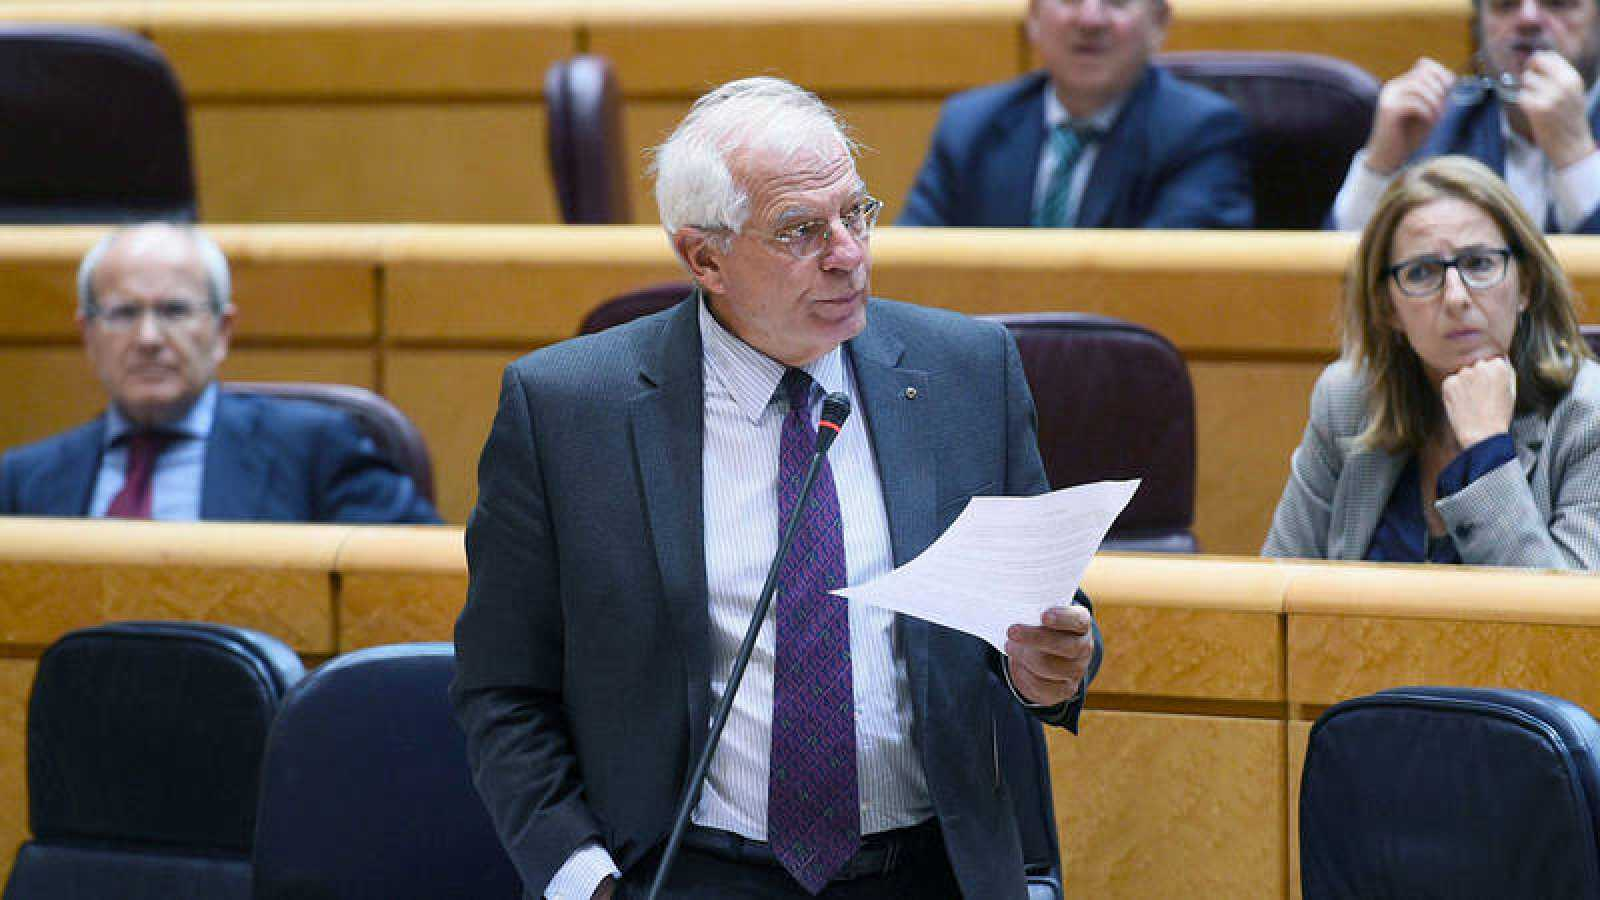 El ministro de Asuntos Exteriores, Josep Borrell, durante la sesión de control al Gobierno en el pleno del Senado